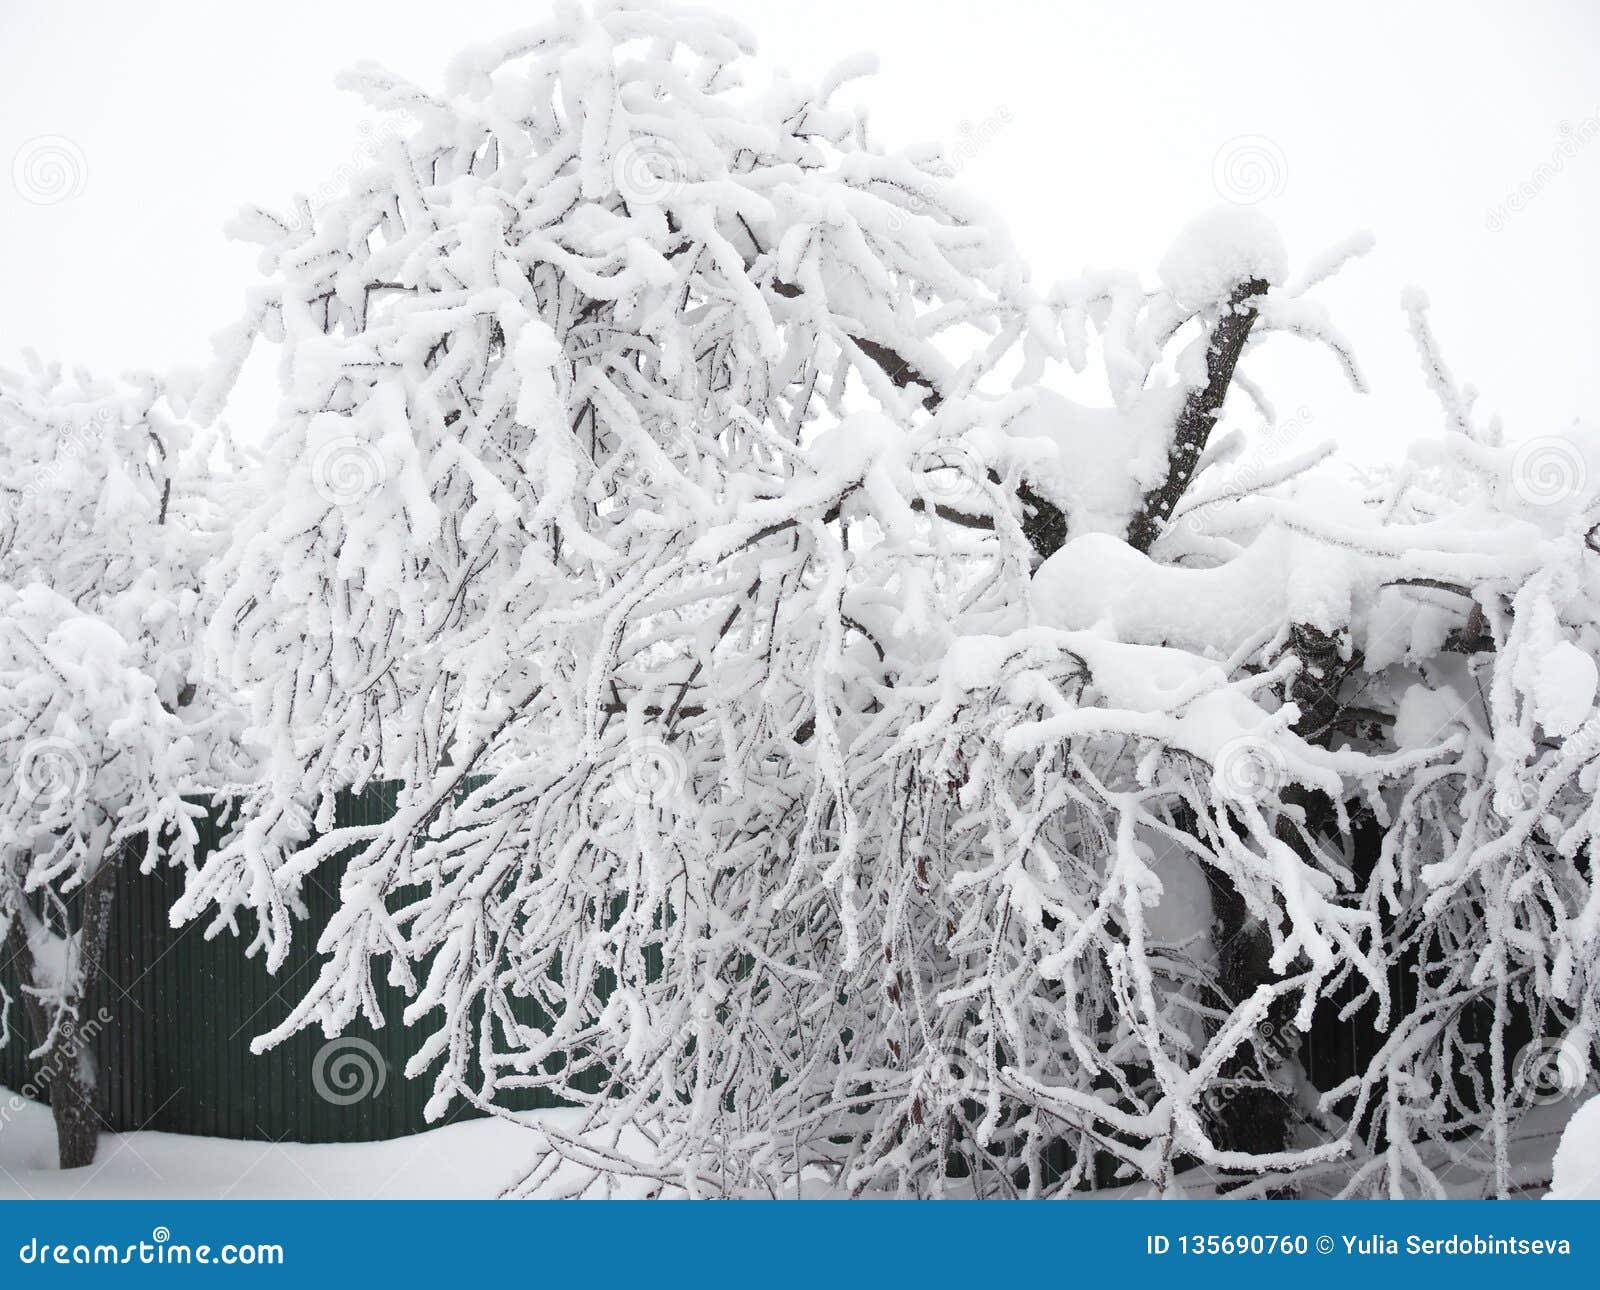 Дерево гнуло из-за огромного слоя снега на своих ветвях